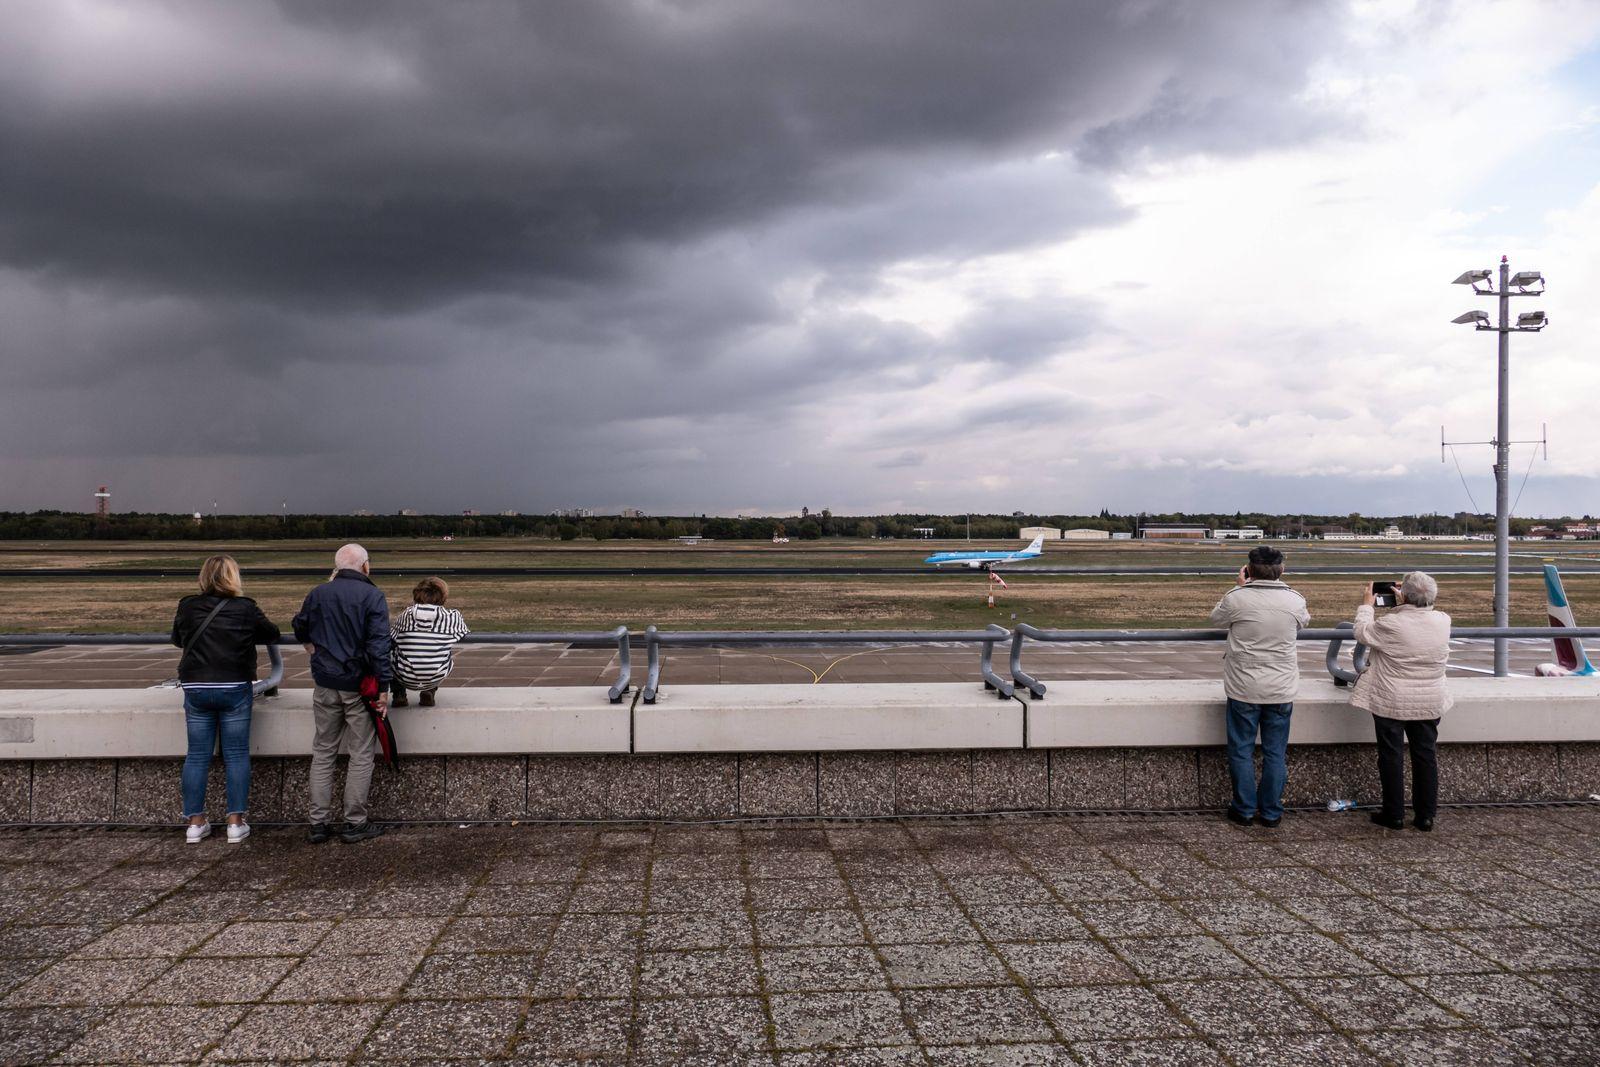 07.10.2020,Berlin,Deutschland,GER,Flughafen Berlin-Tegel Otto Lilienthal TXL. Besucherterrasse *** 07 10 2020,Berlin,Ger